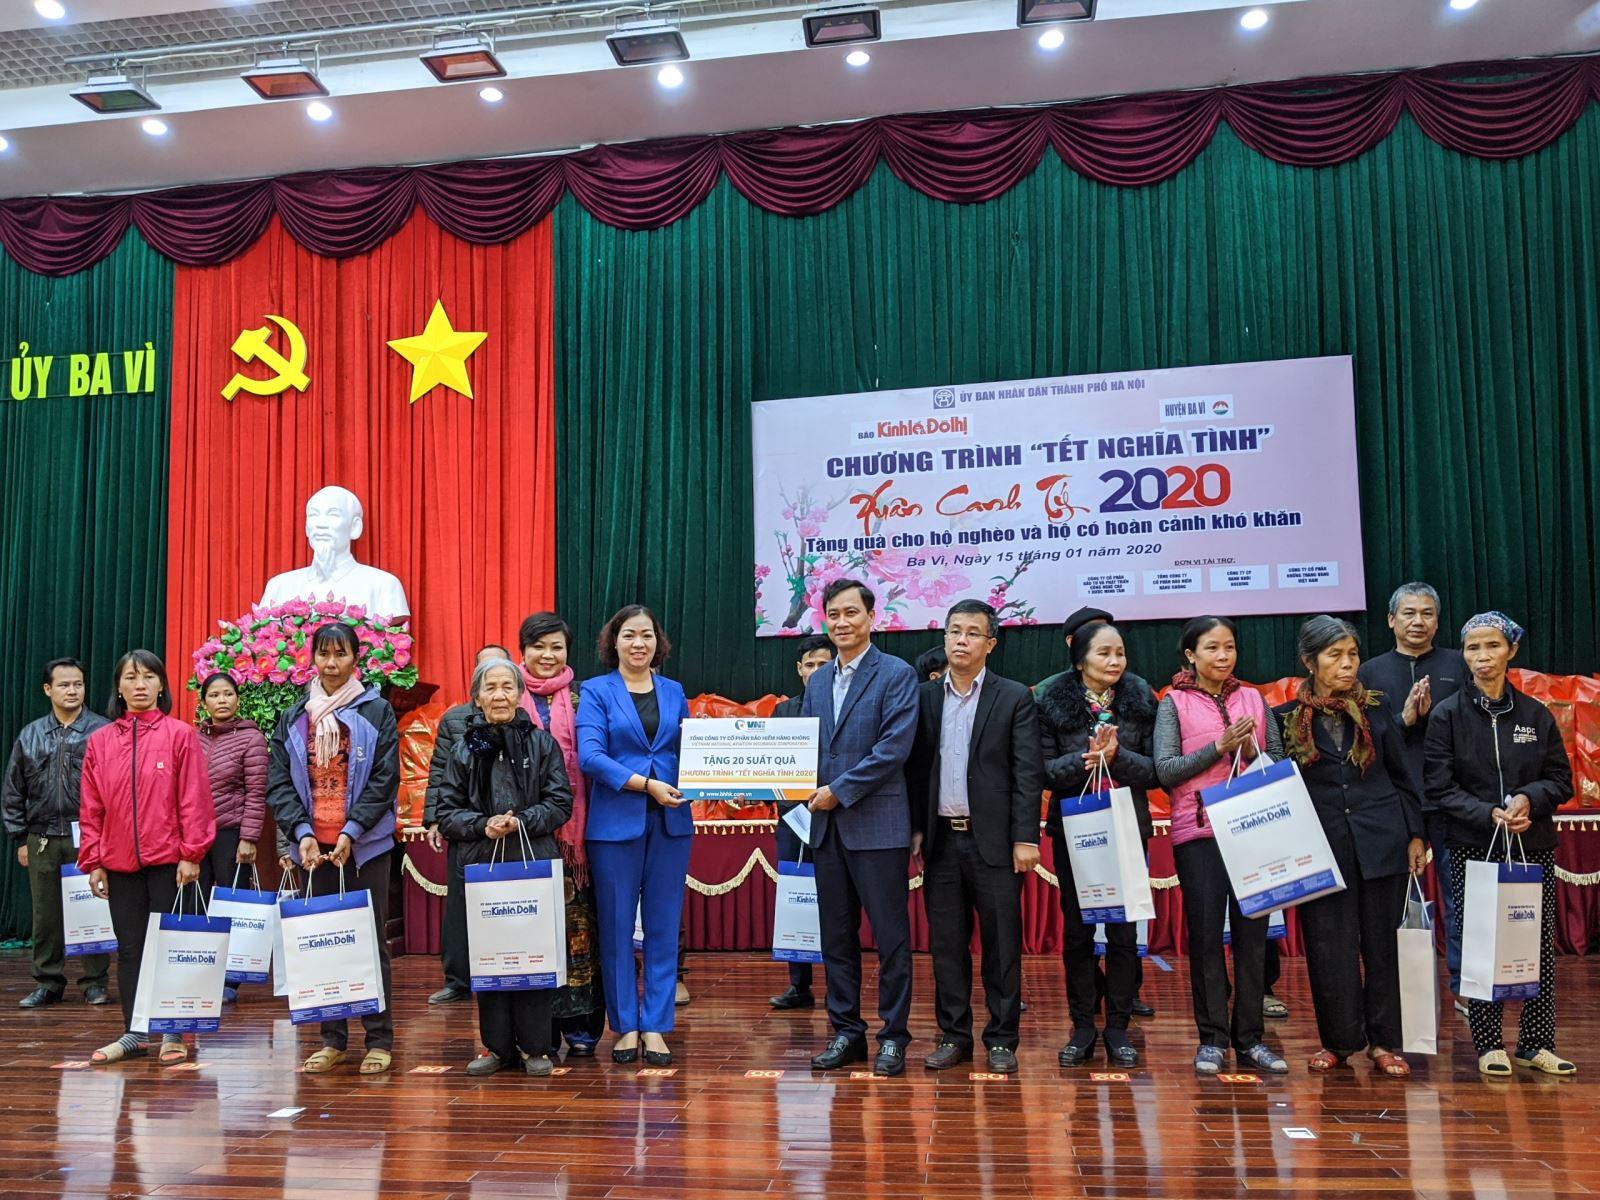 Bảo hiểm Hàng không (VNI) tặng quà tết cho gia đình chính sách huyện Ba Vì, Hà Nội